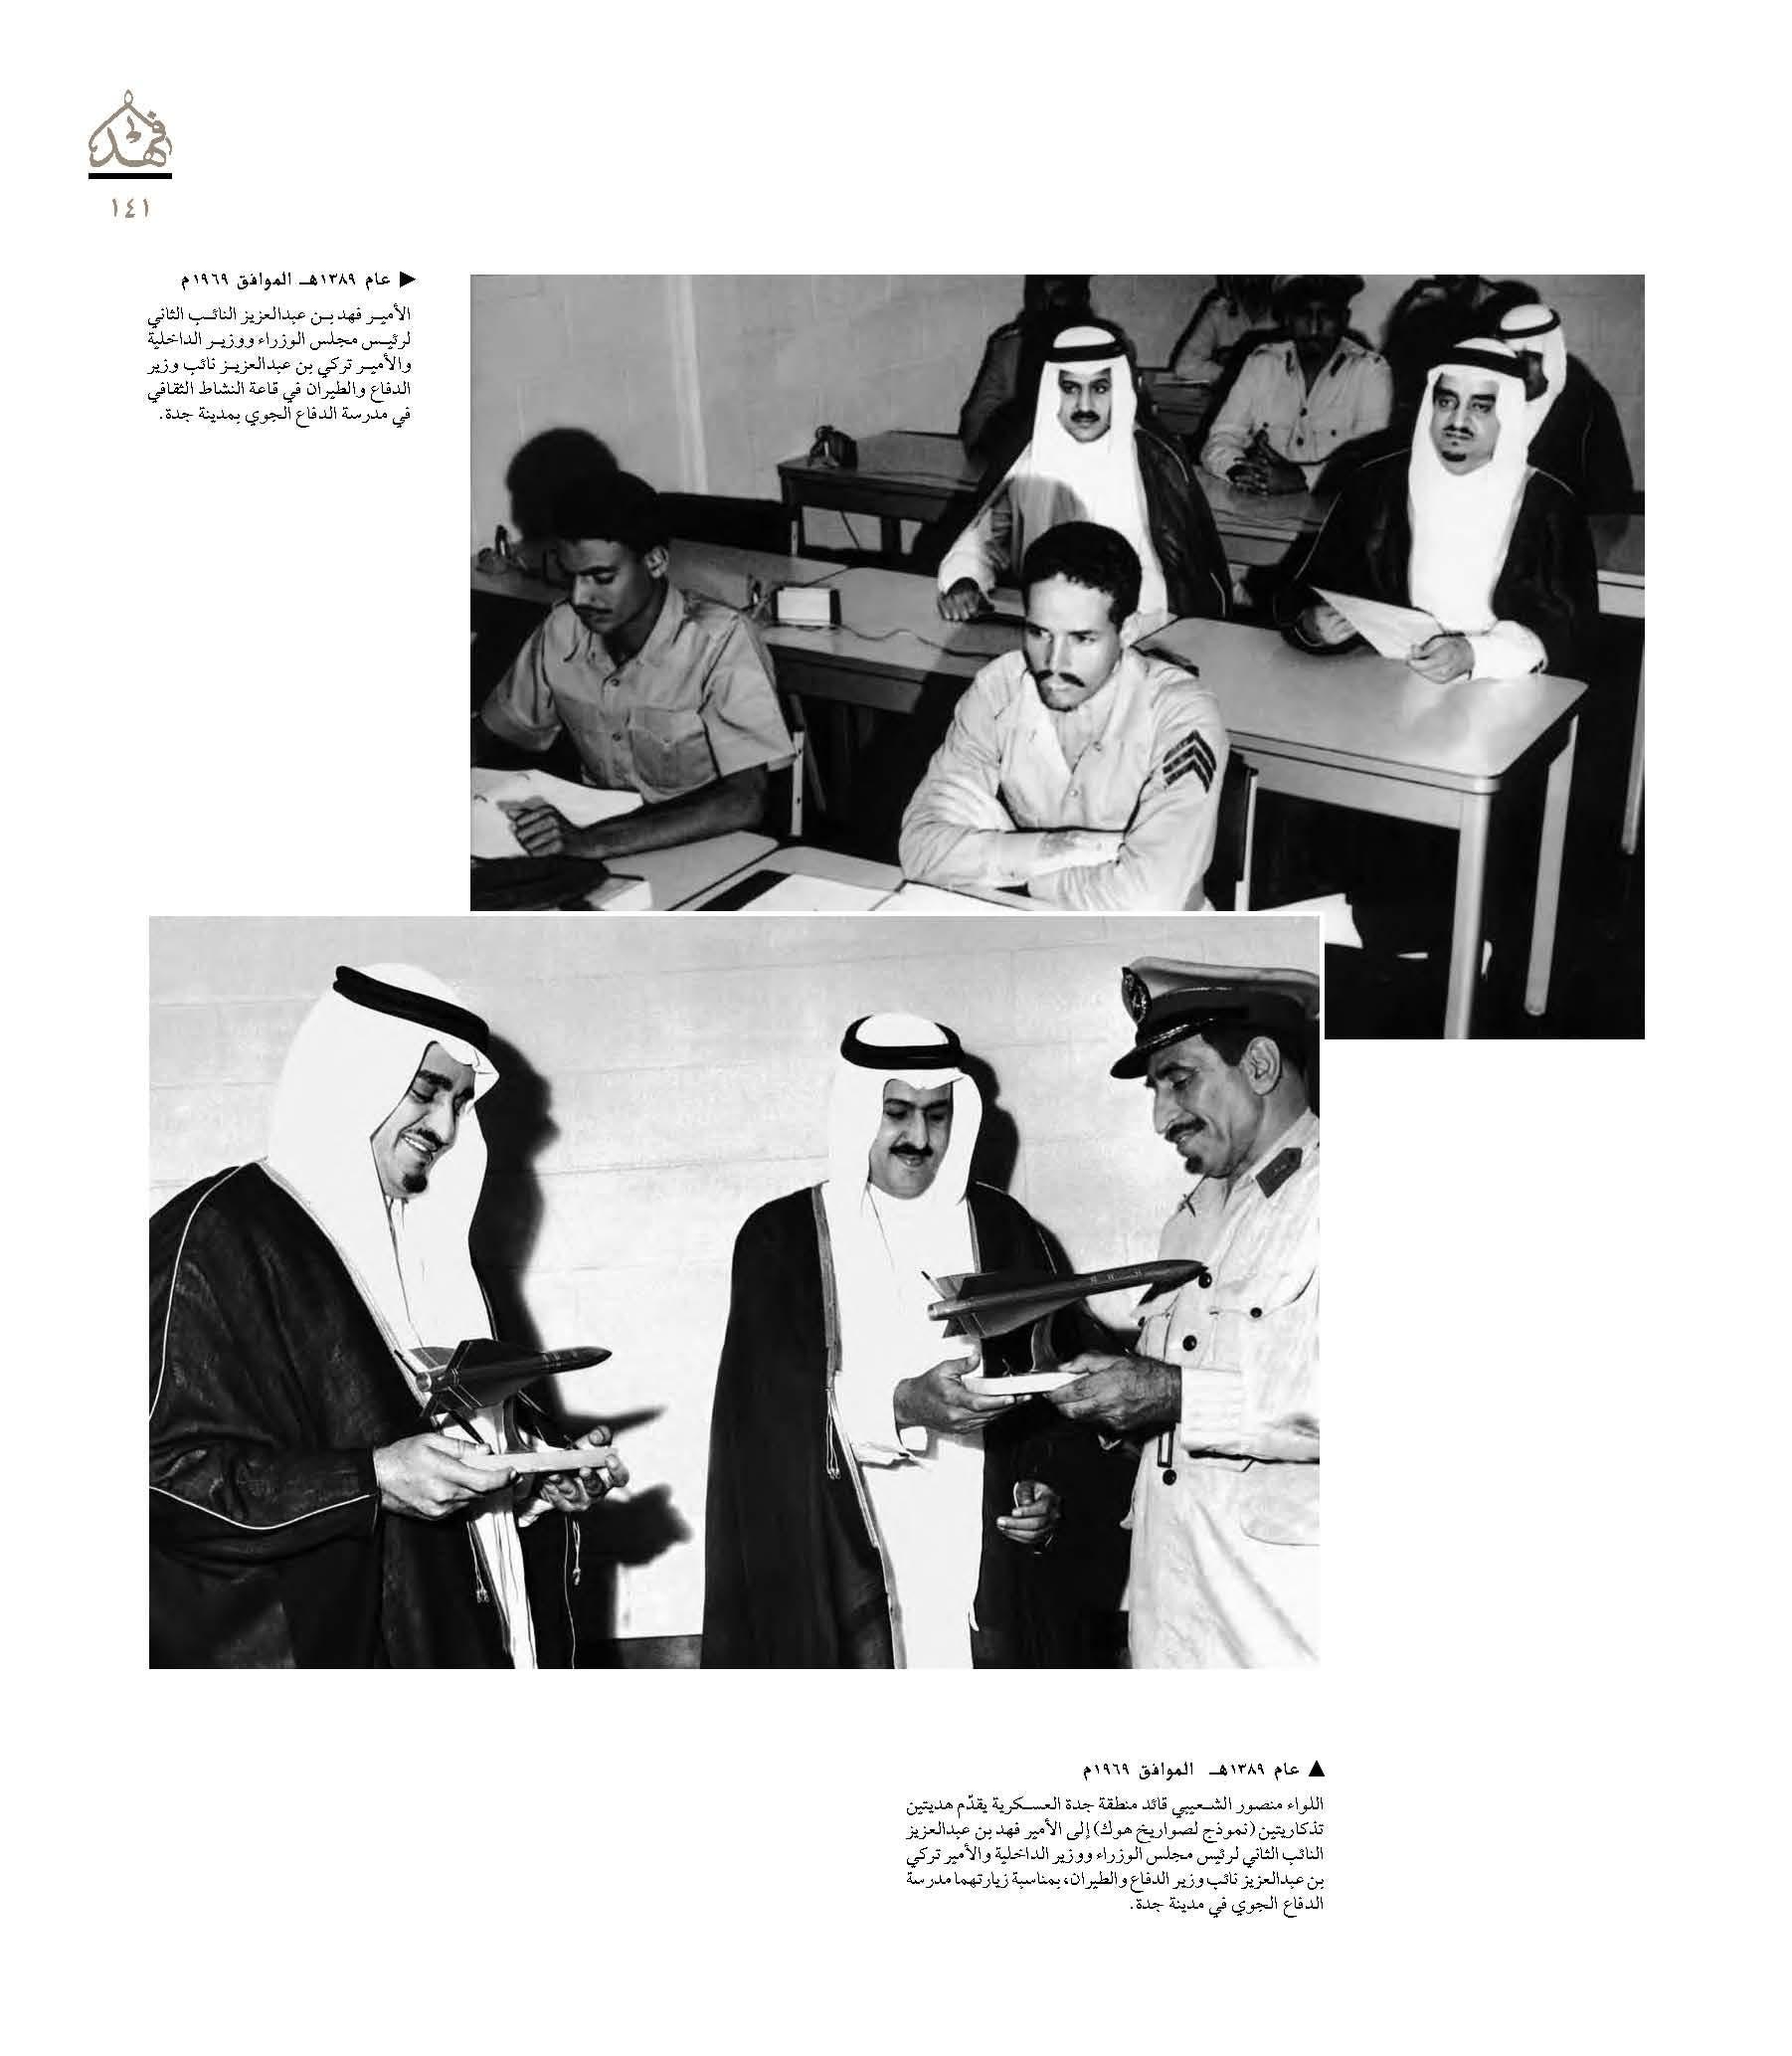 """صور نادرة للملك فهد في """"كتاب"""" 067bb3cd-1d03-4107-a336-e02146b162bf"""